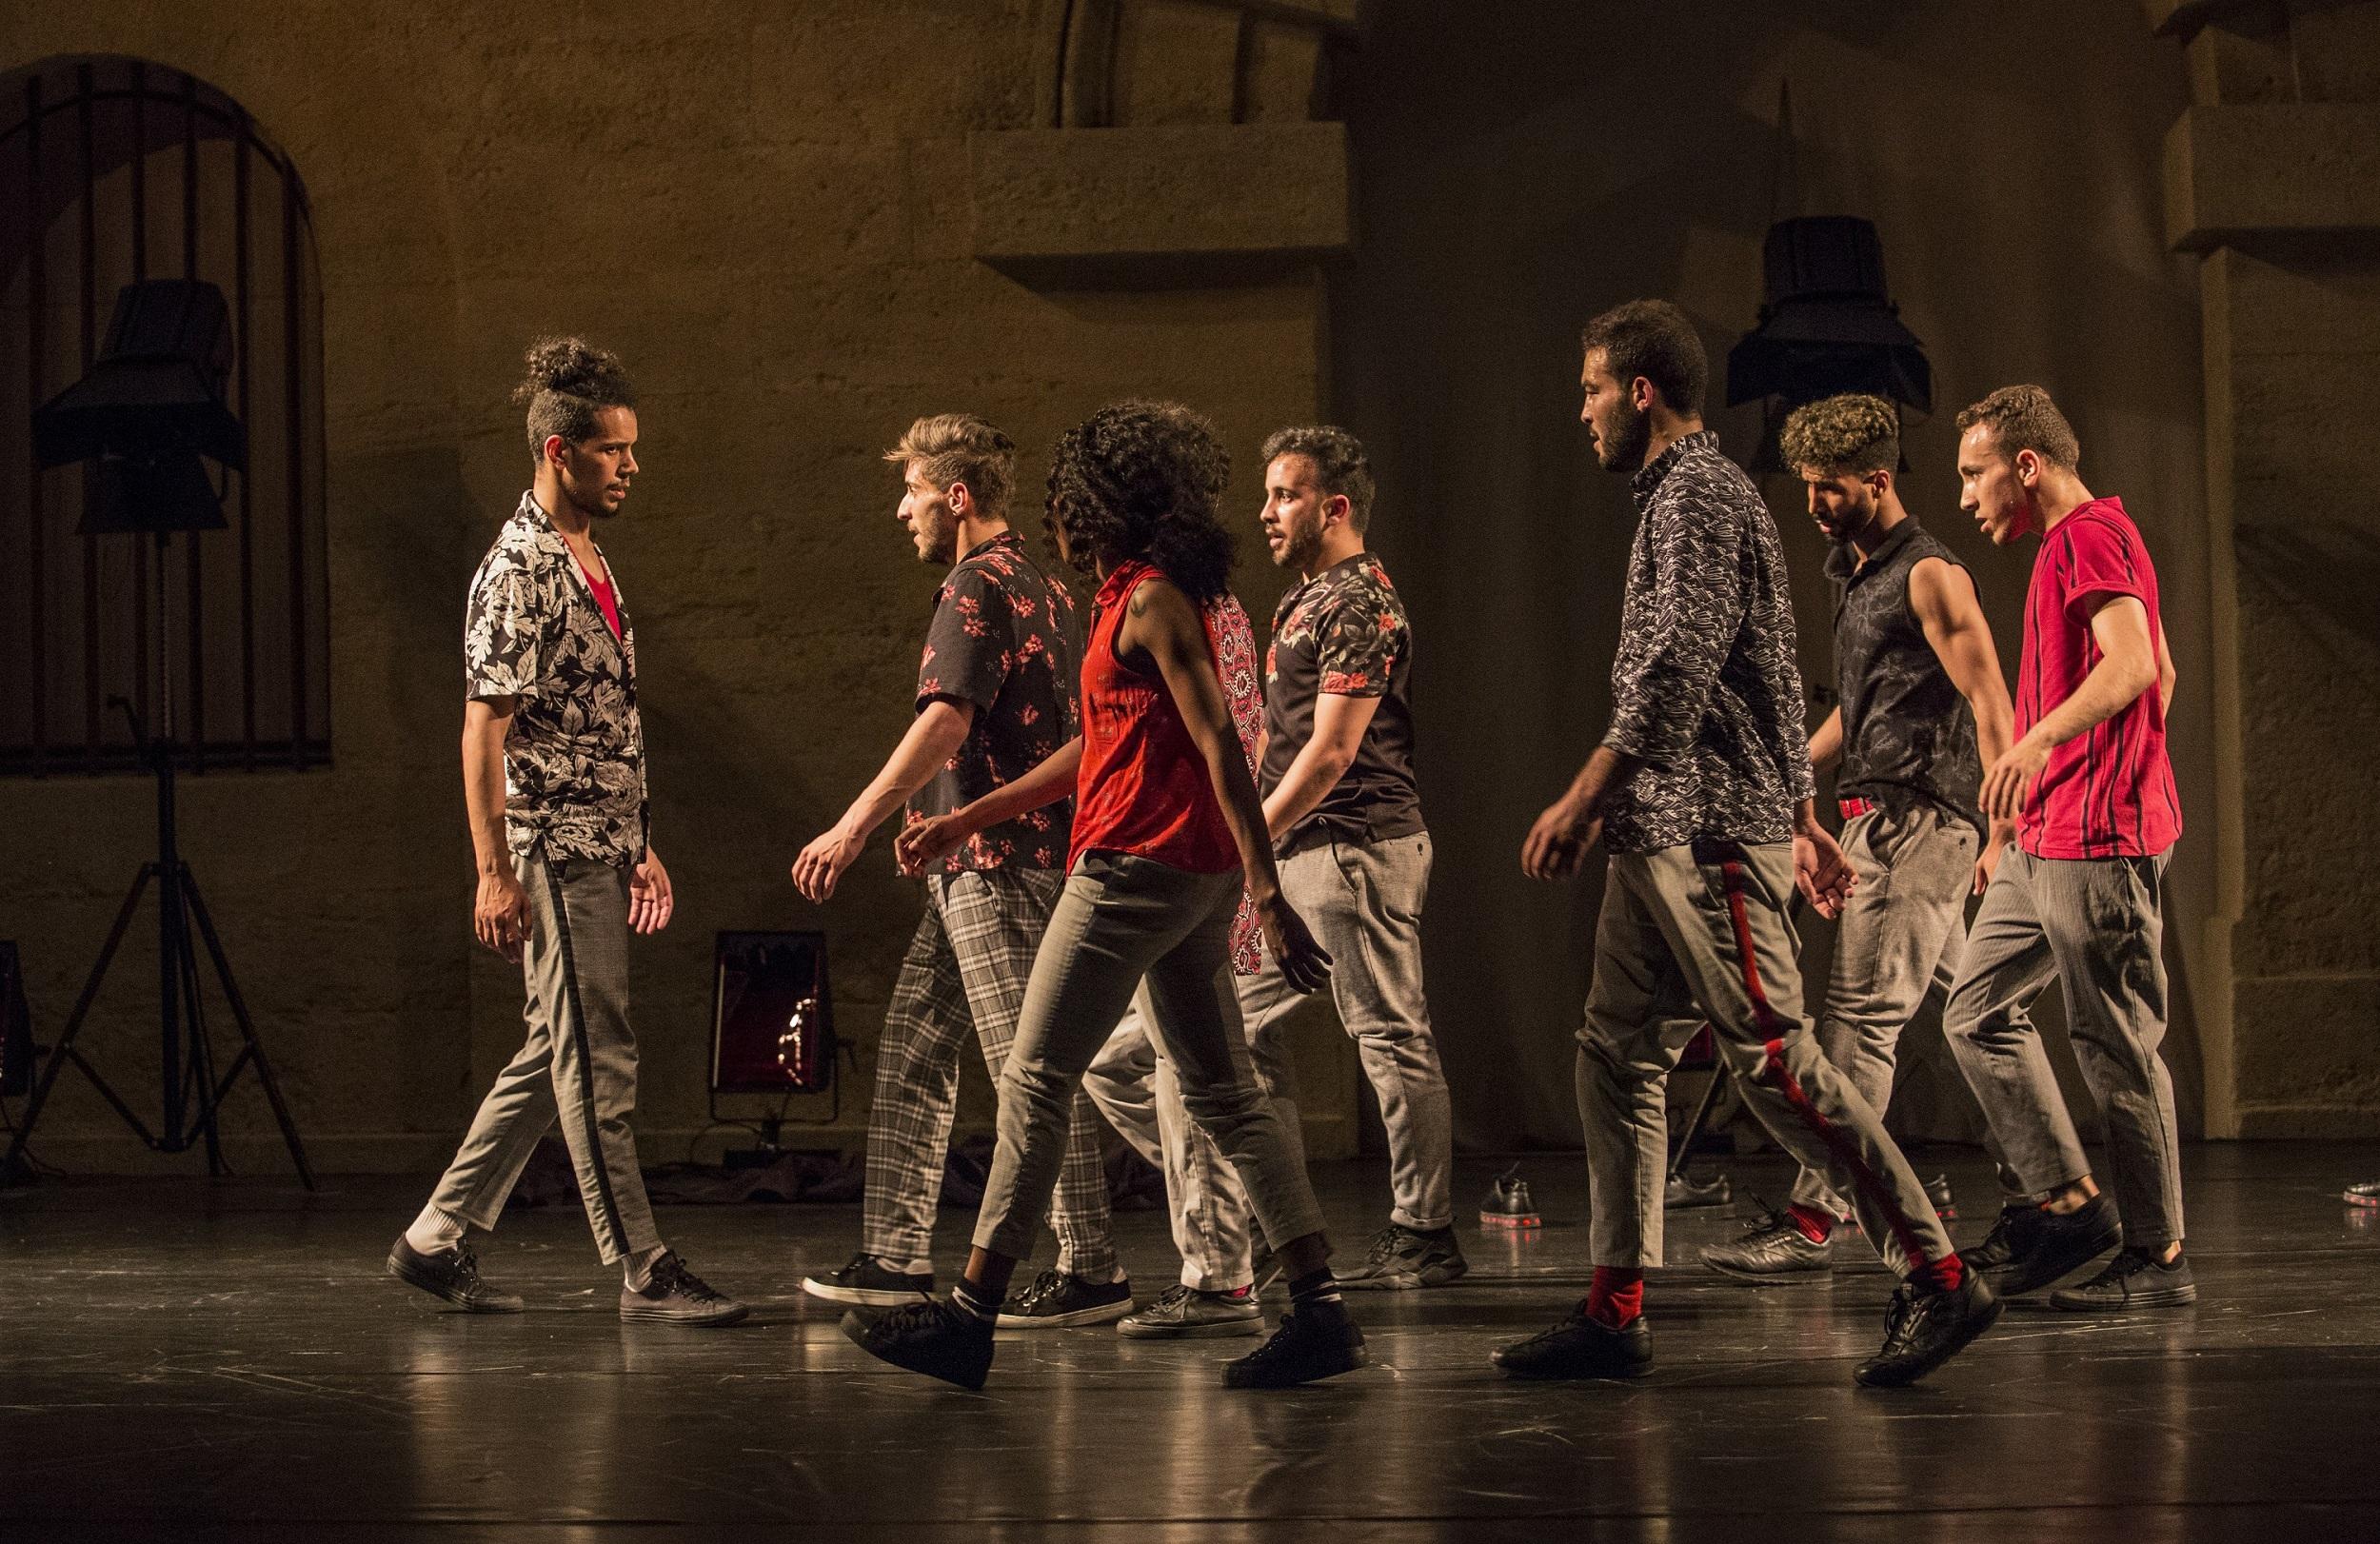 Tanzfestival Saar kommt wieder nach Saarlouis